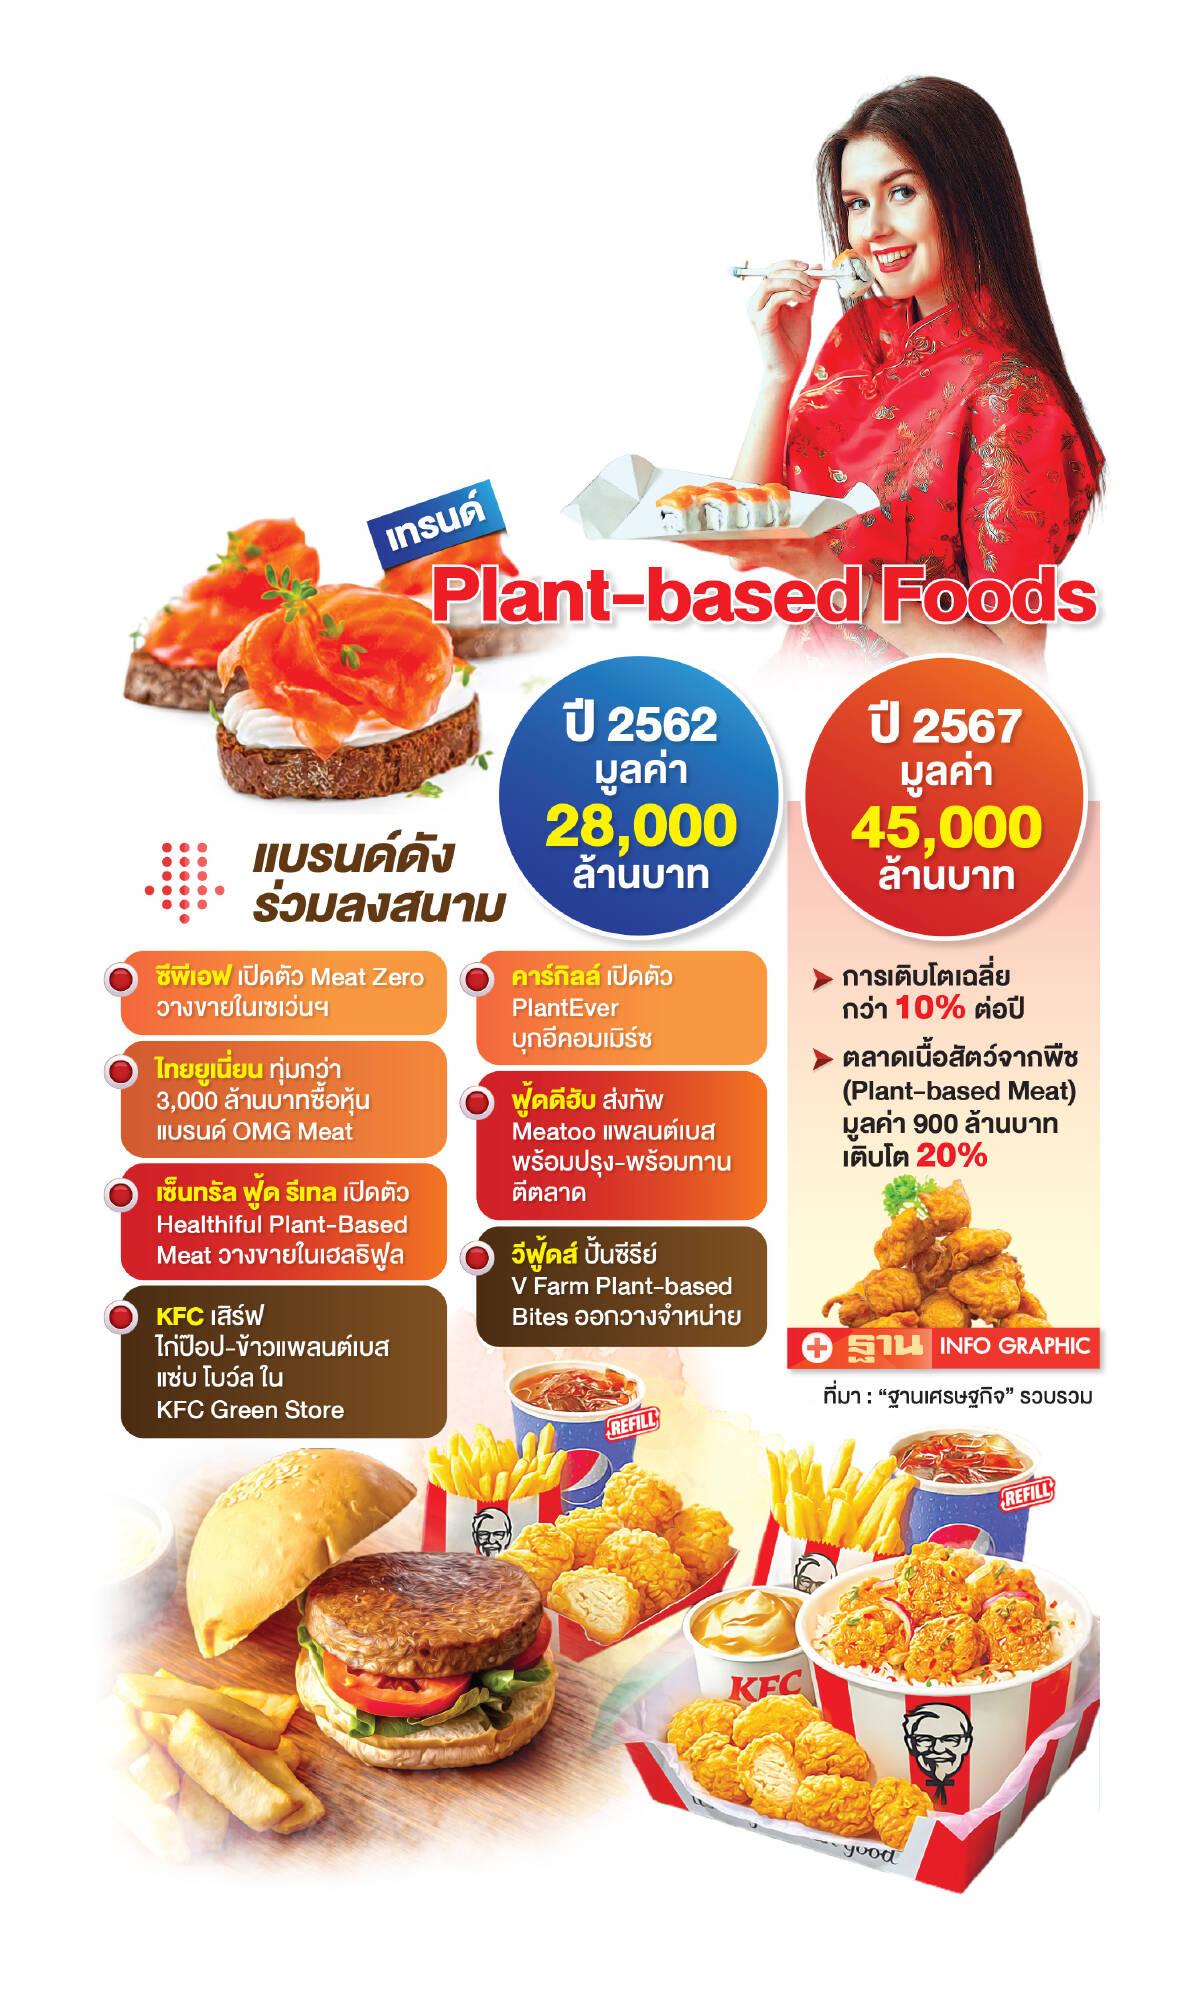 ปีทอง Plant-based Food บิ๊กเนมโดดแข่งขัน ชิงแชร์ 4.5 หมื่นล้าน